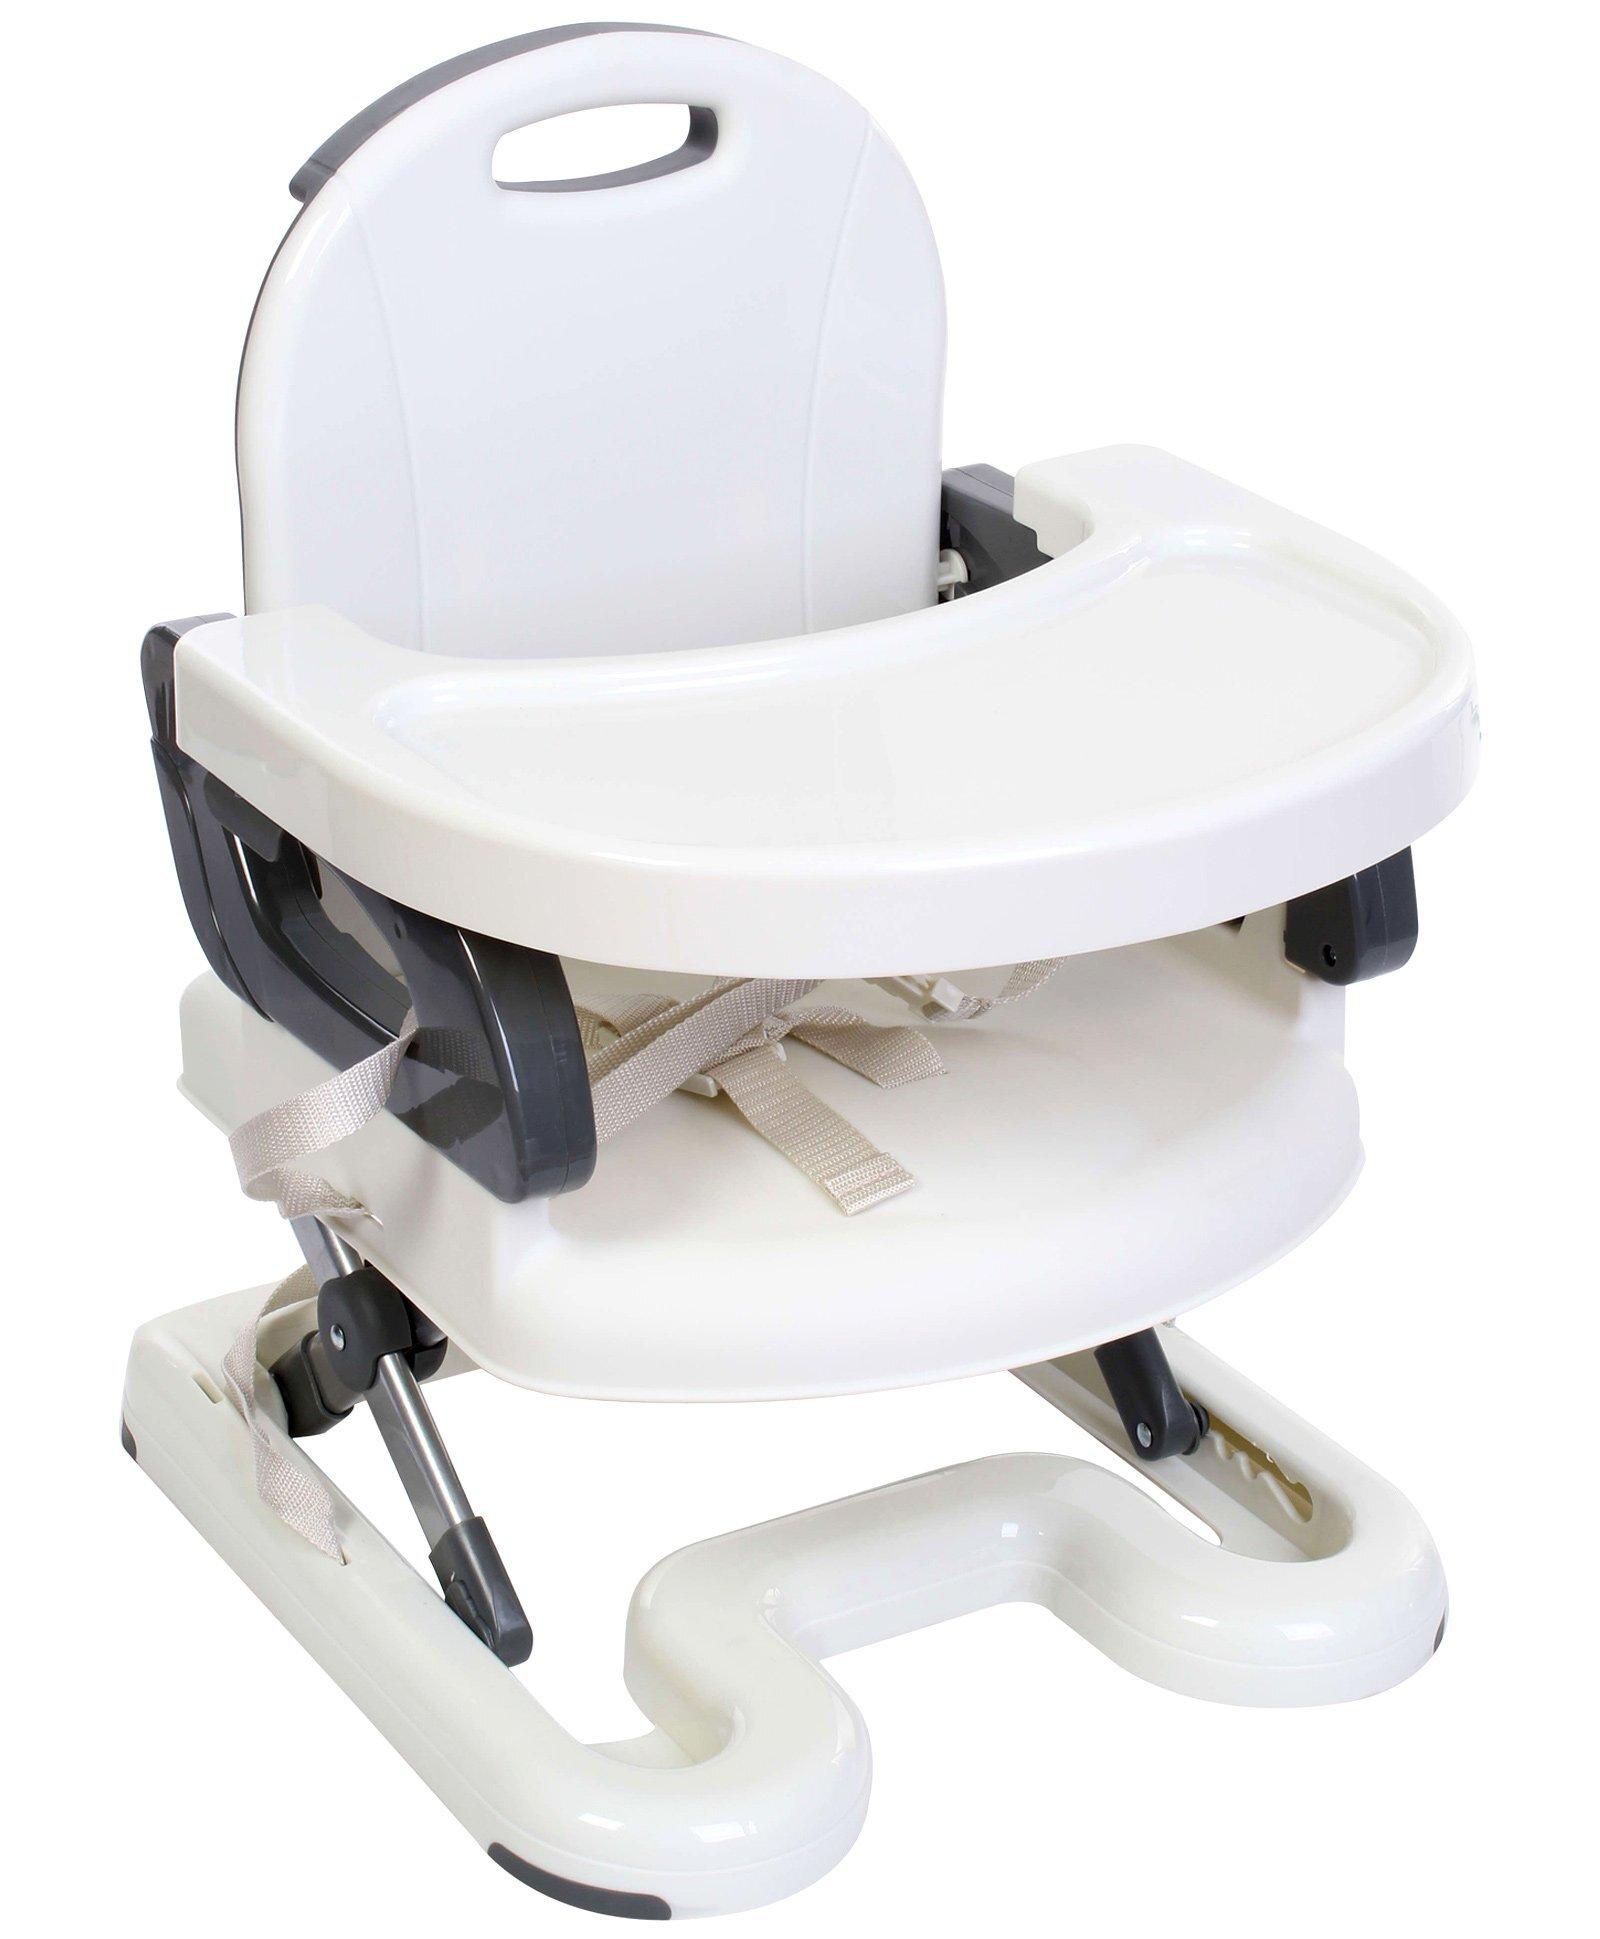 So sánh ghế ăn Fisher Price P0109 với ghế ăn Mastela: Tiện dụng và an toàn cho bé